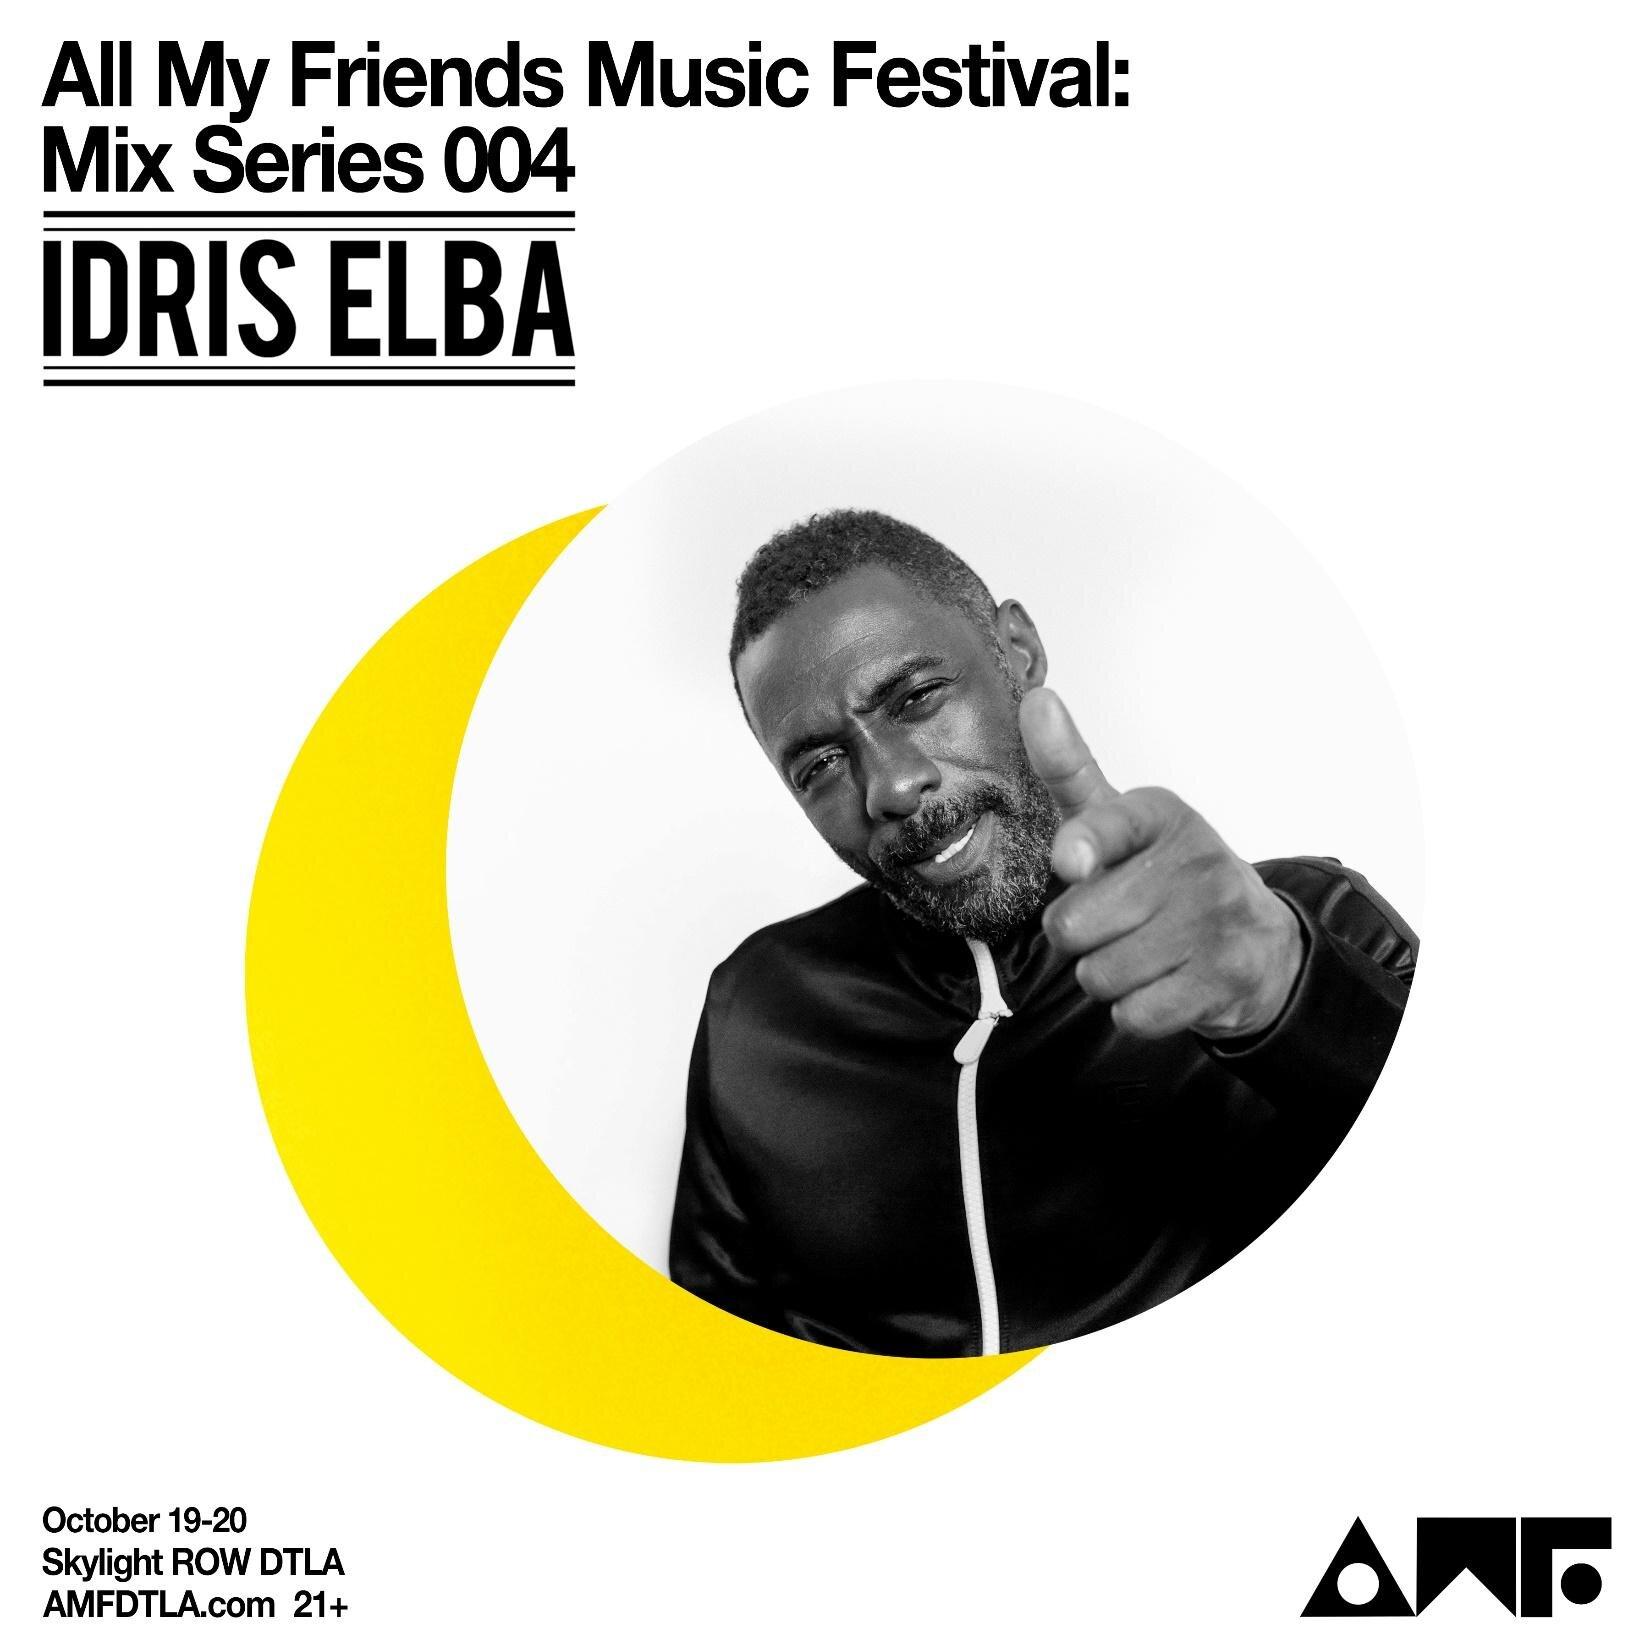 All My Friends Music Festival Mix Series 004 Idris Elba.jpg